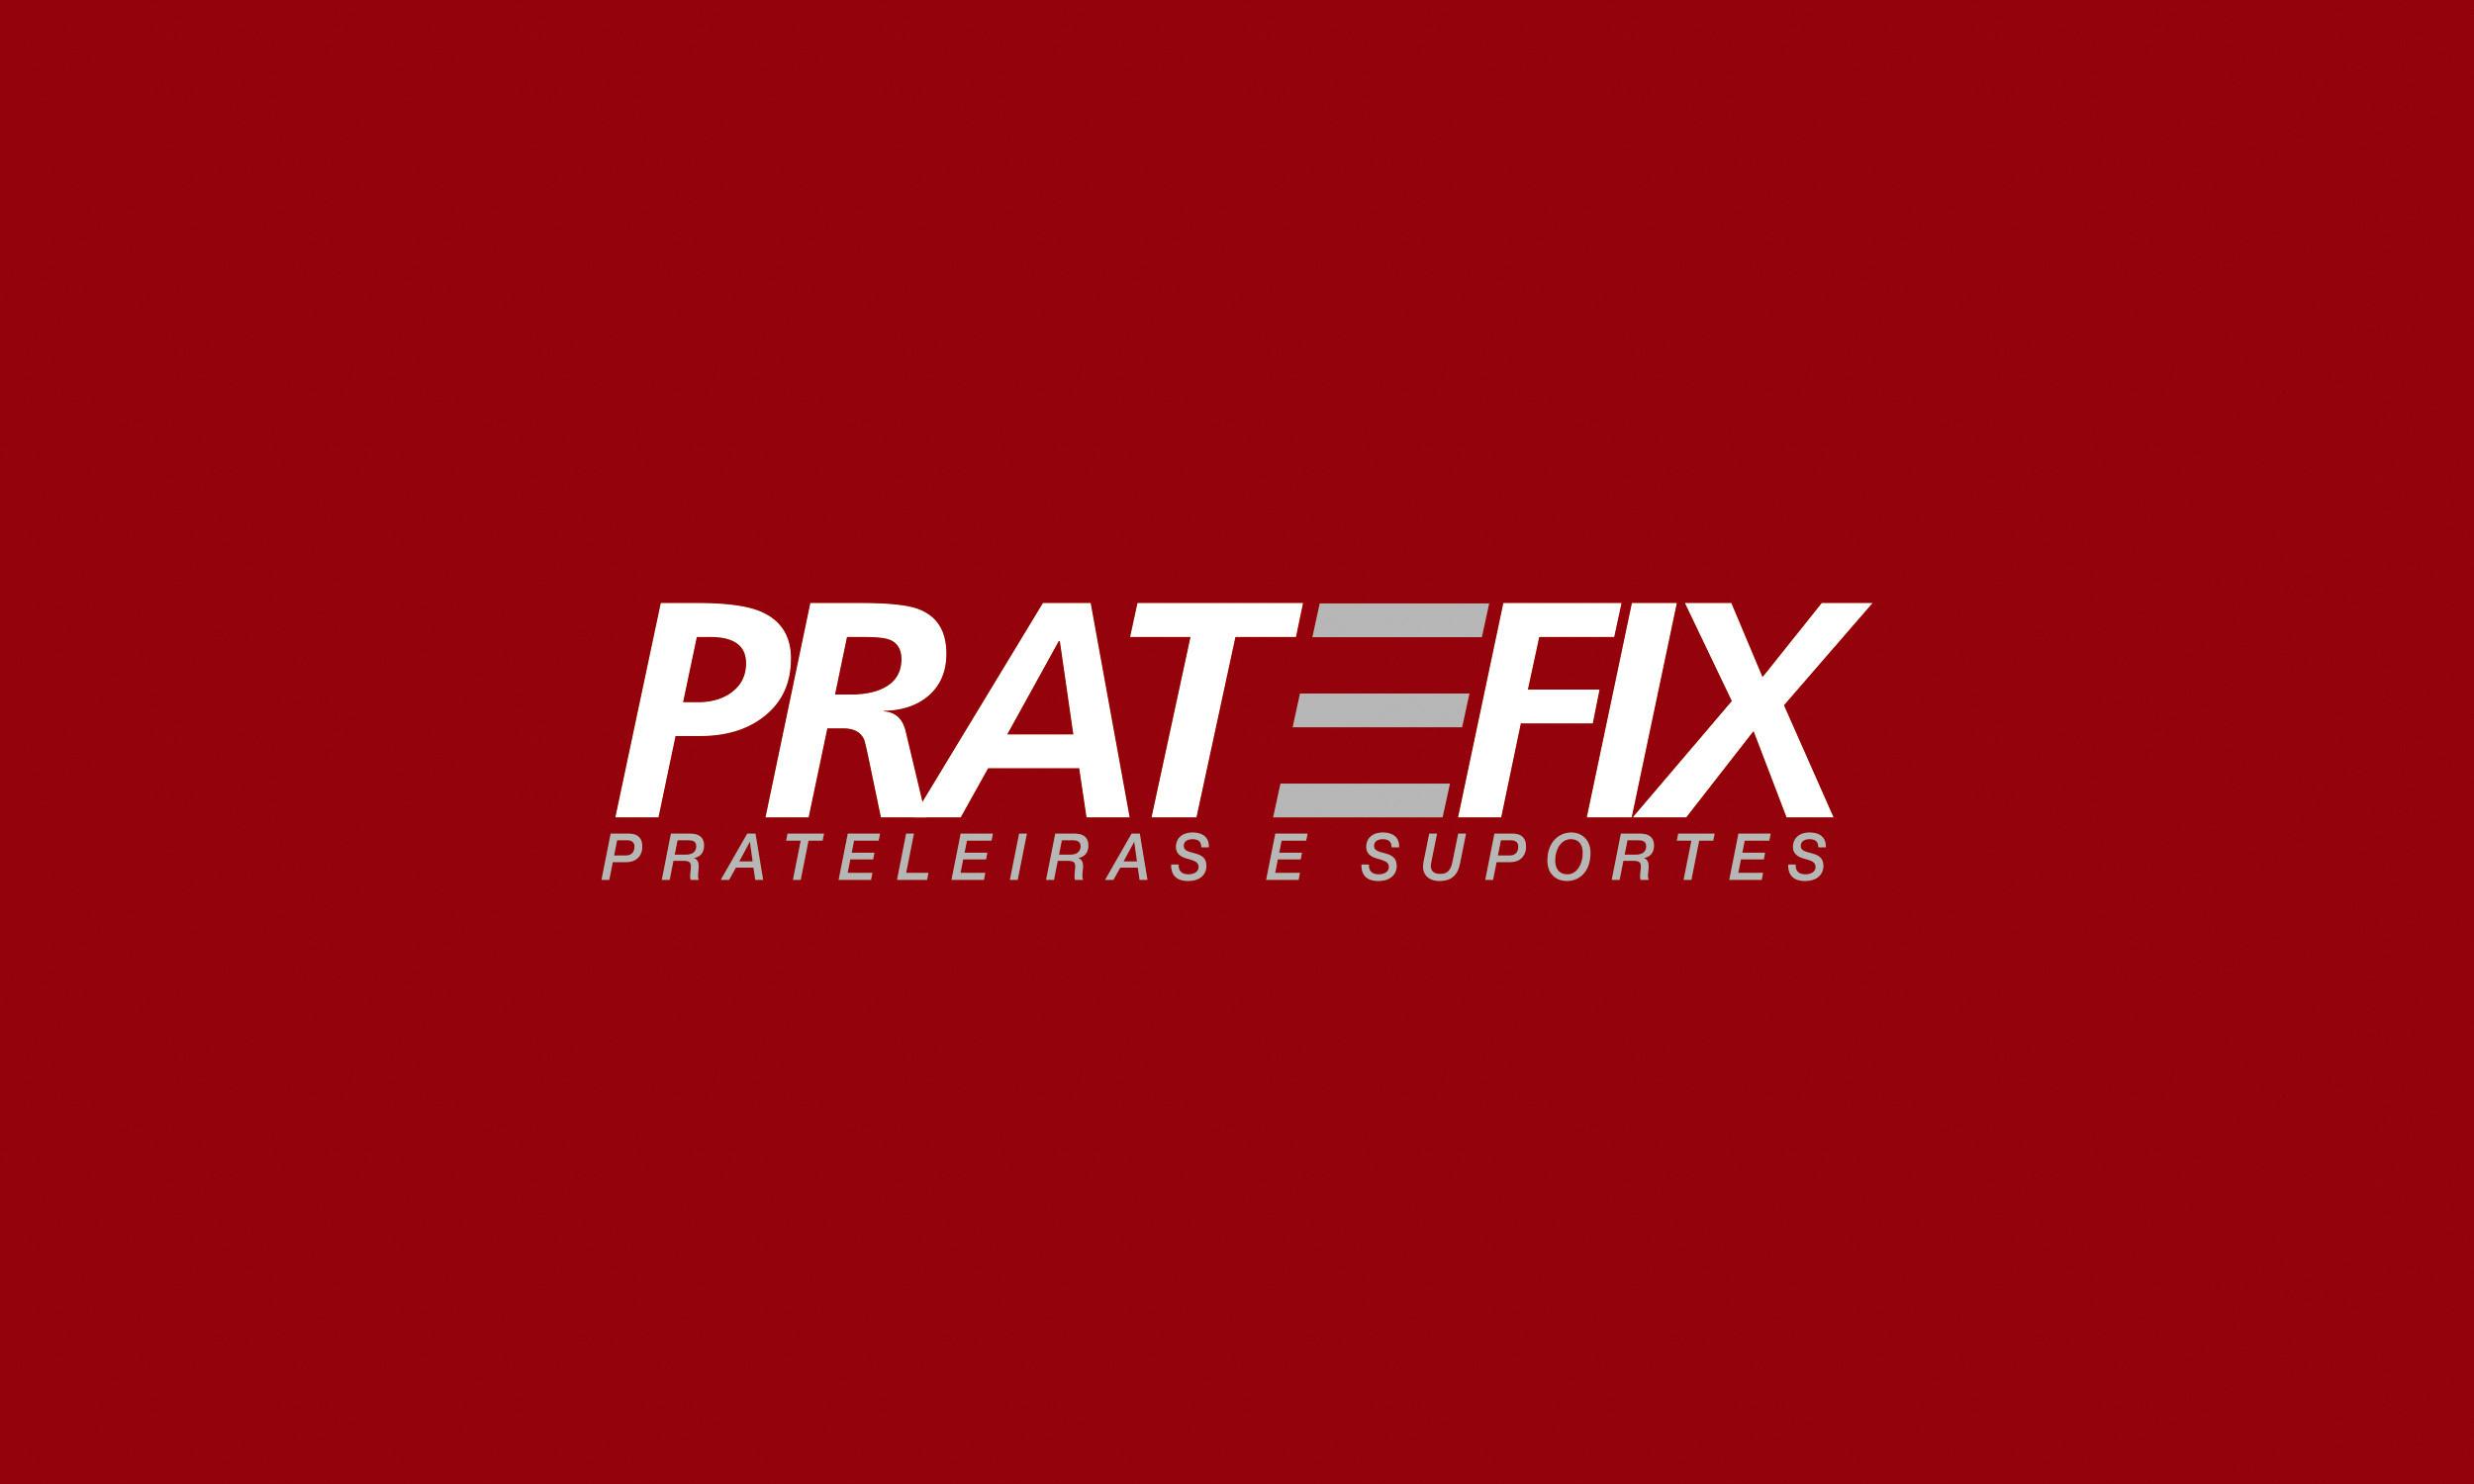 Pratefix